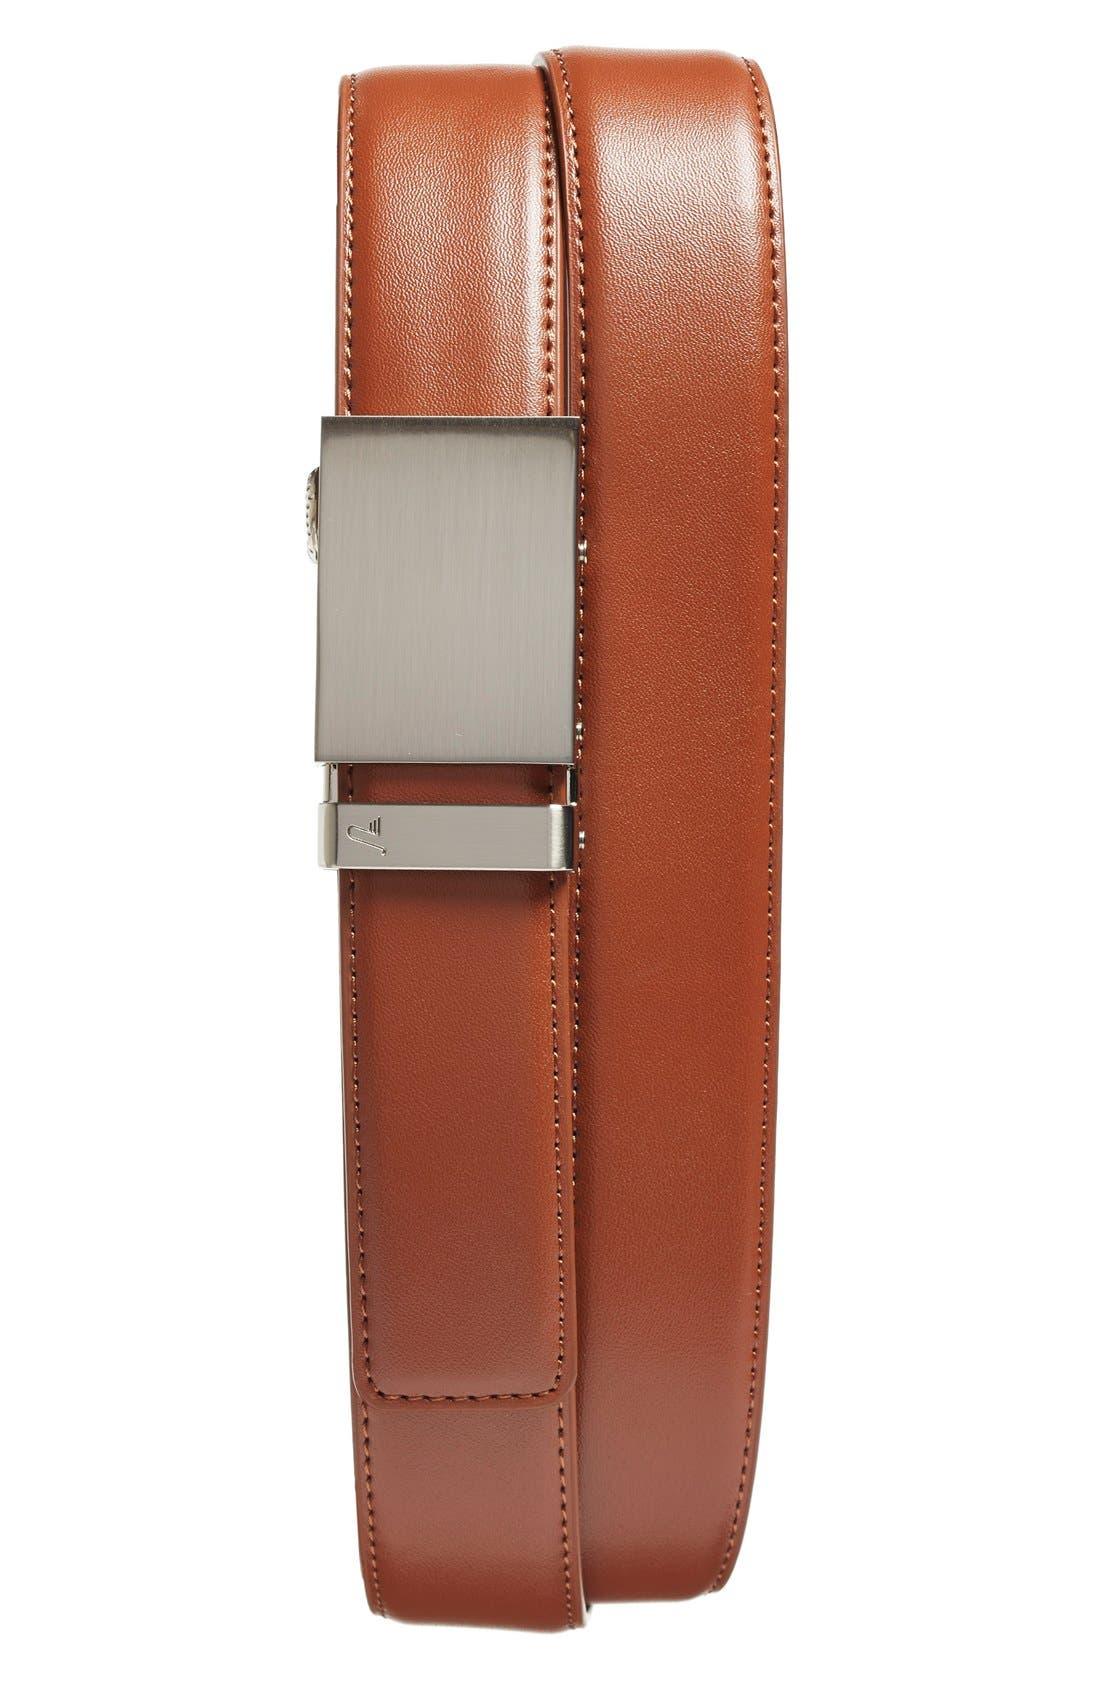 Main Image - Mission Belt 'Steel' Leather Belt